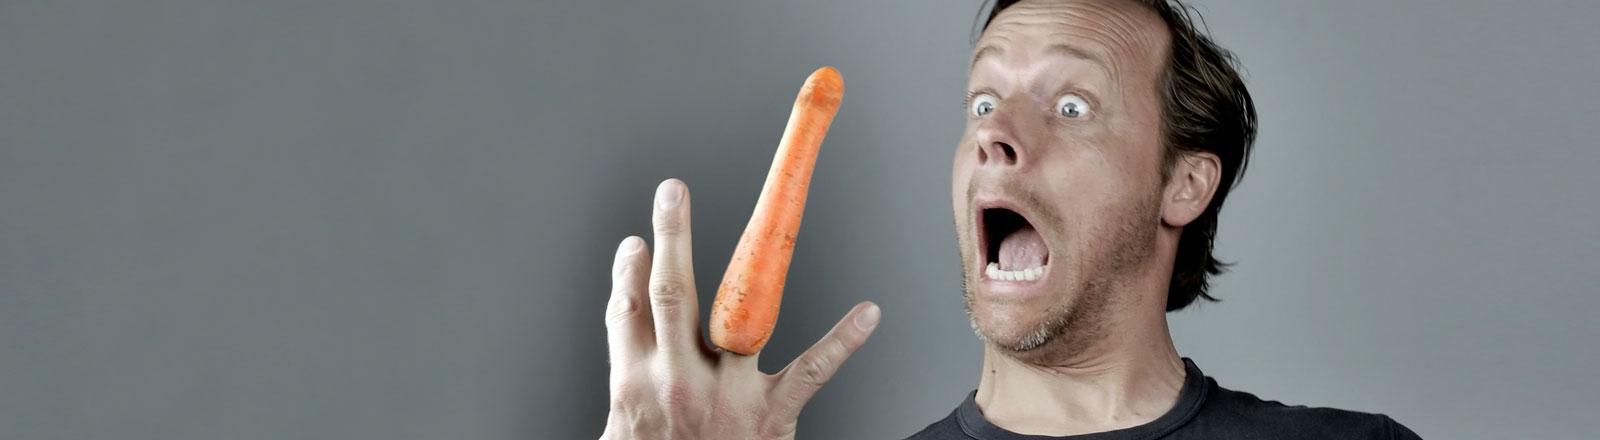 Ein Mann mit einer Karotte als Ringfinger.